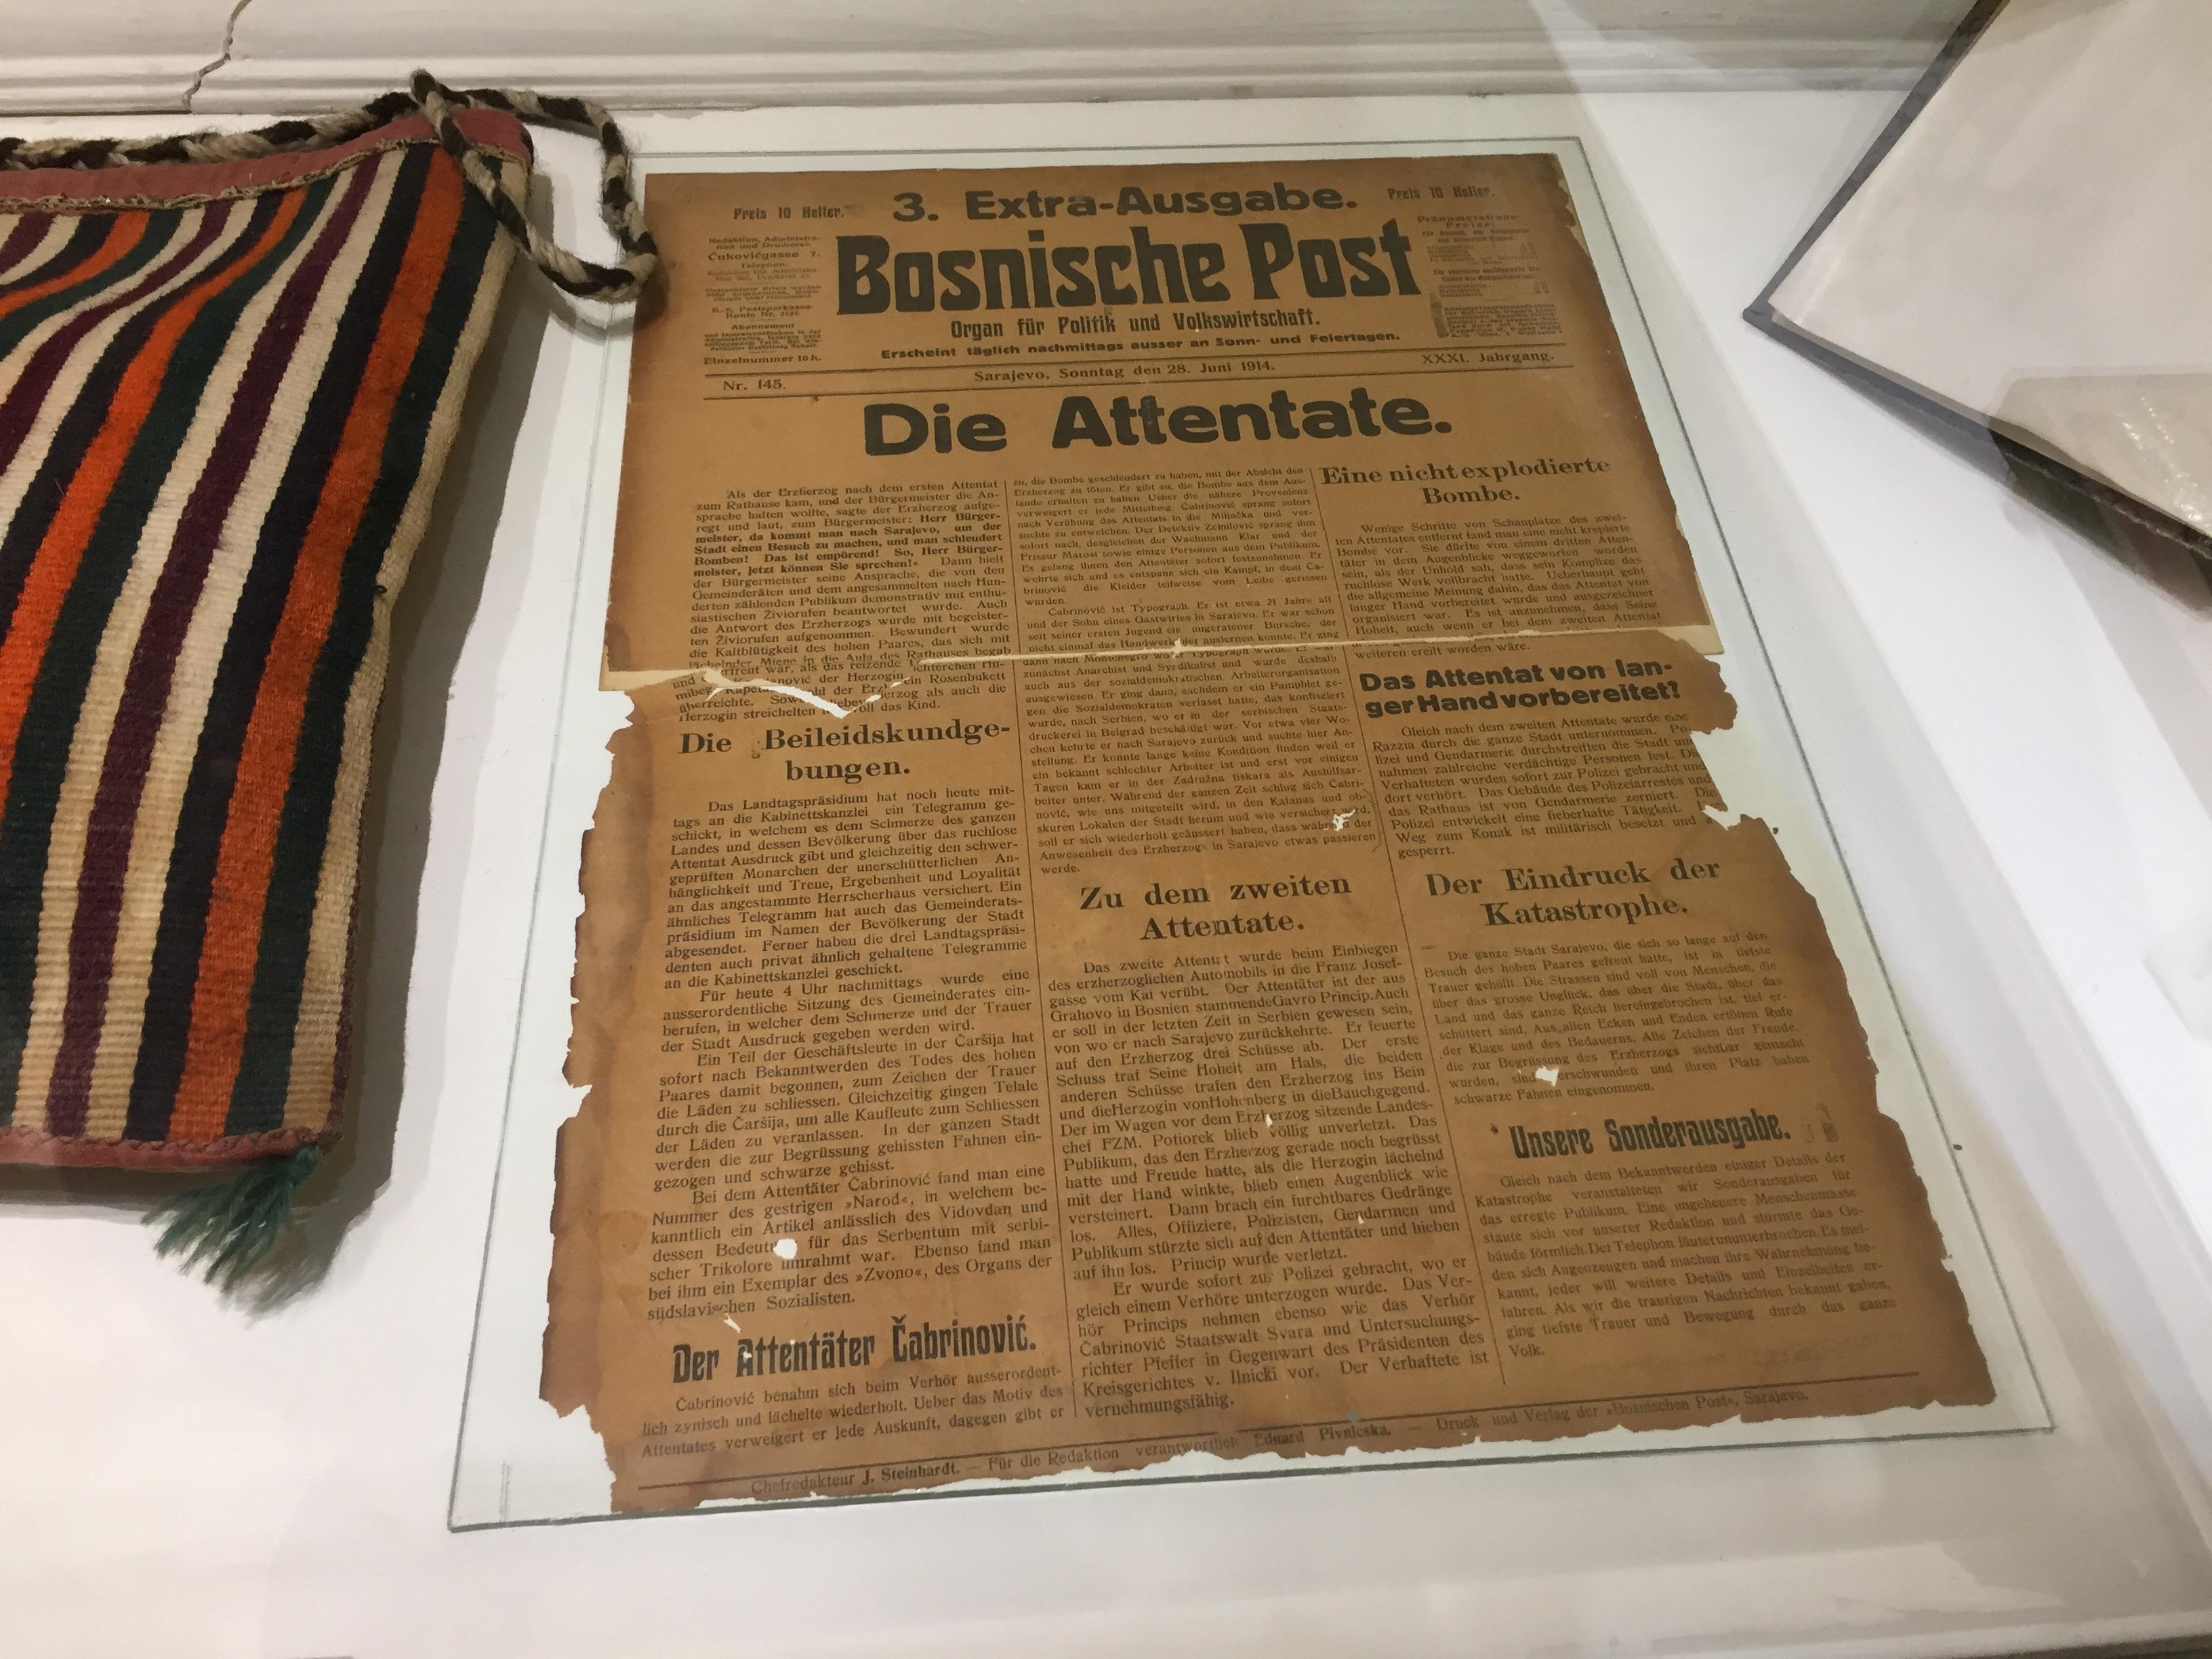 皇太子暗殺当日に発行された新聞